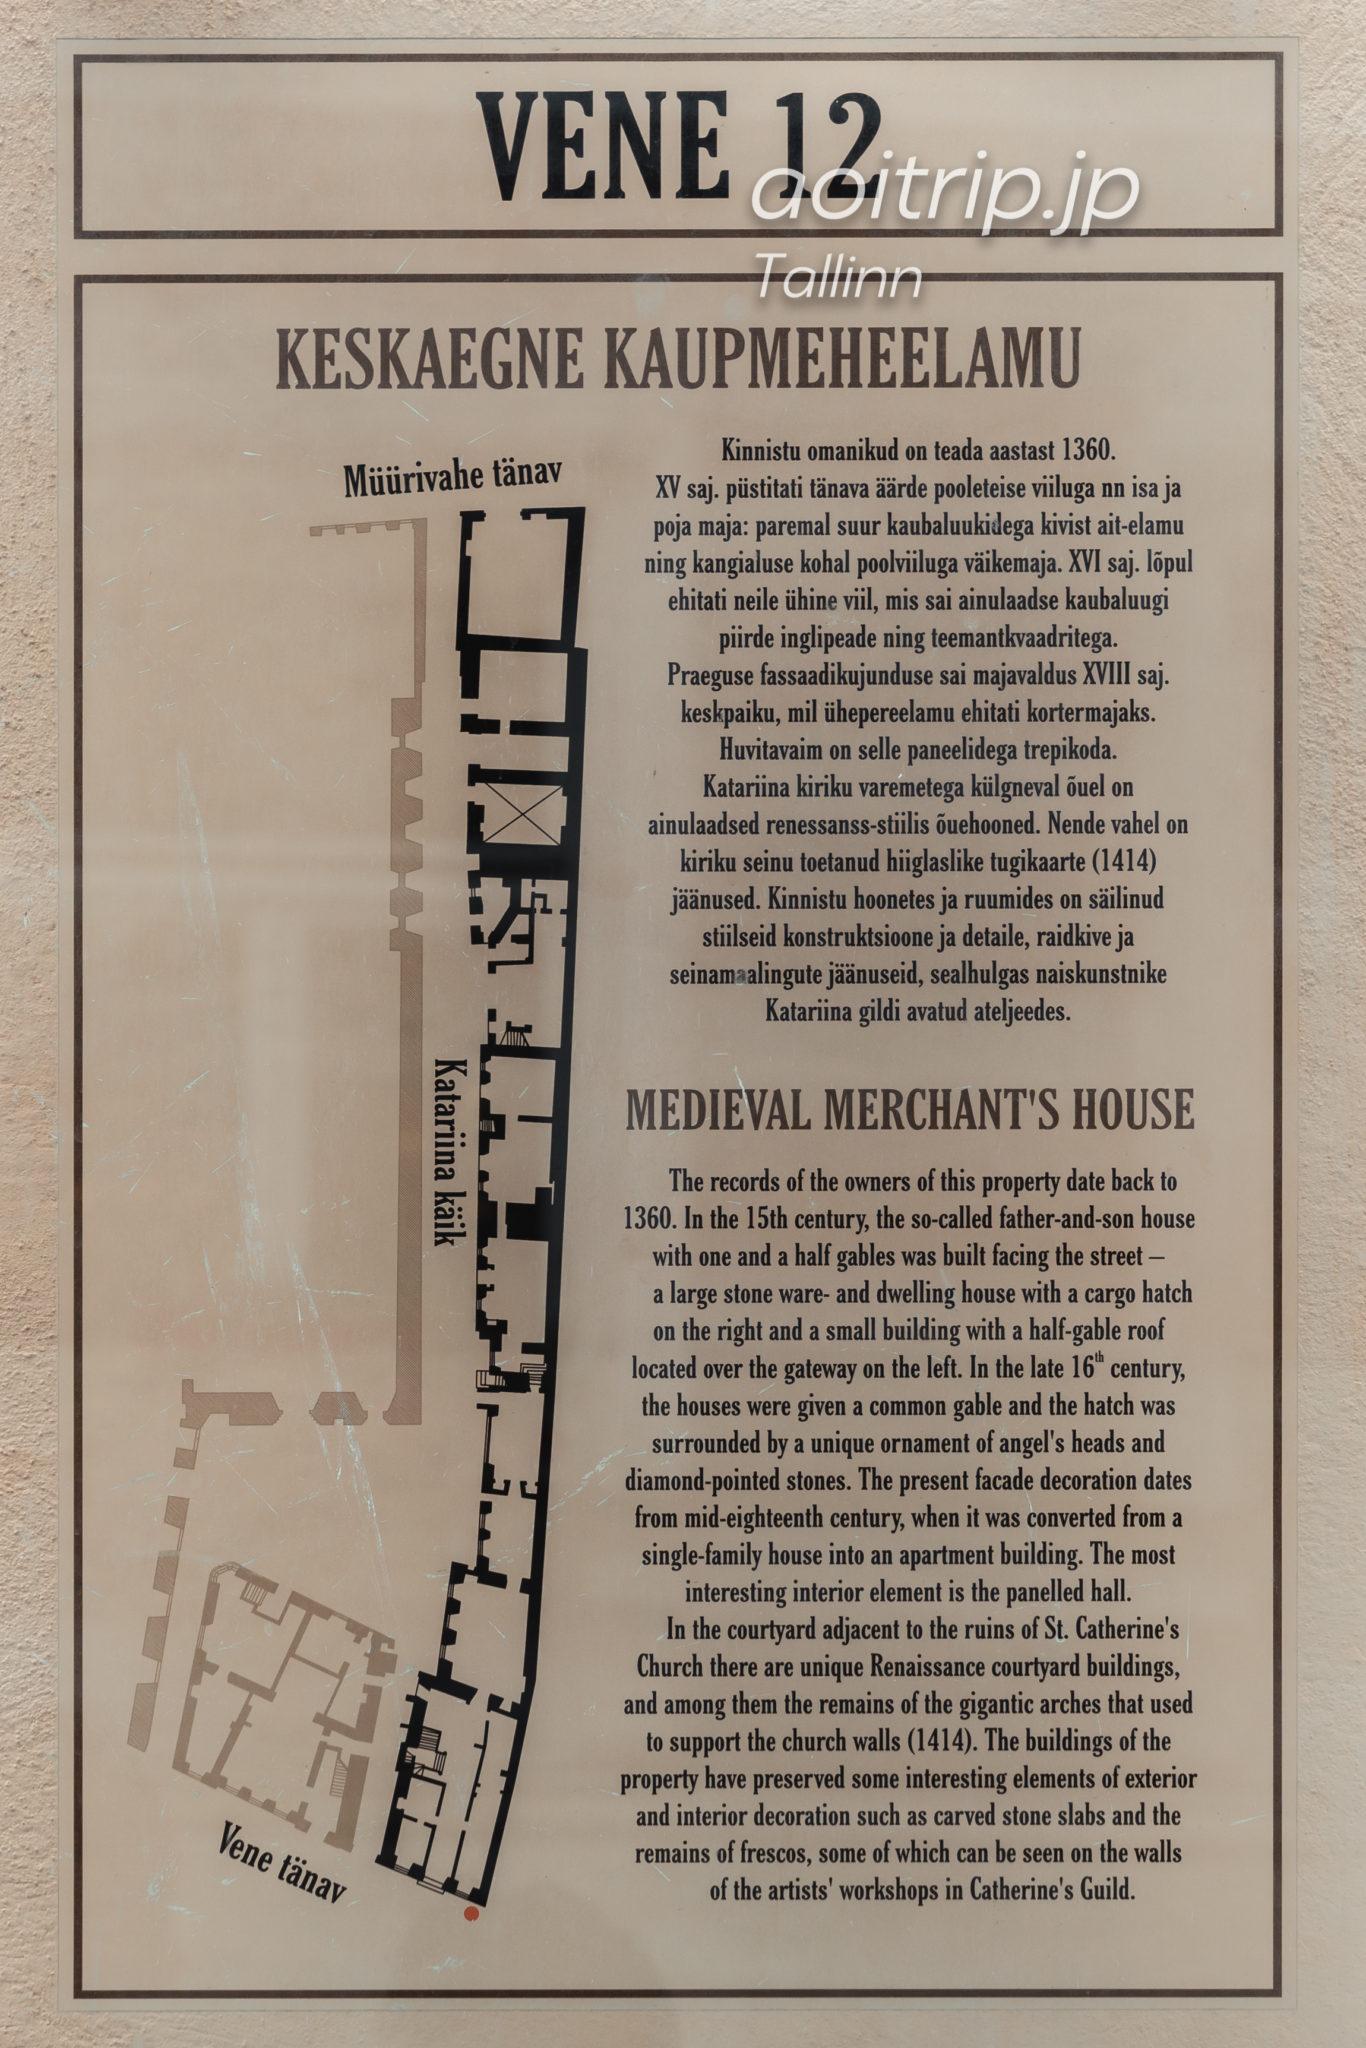 聖カタリーナの小径(英:St Catherines Passage、Katariina Käik)